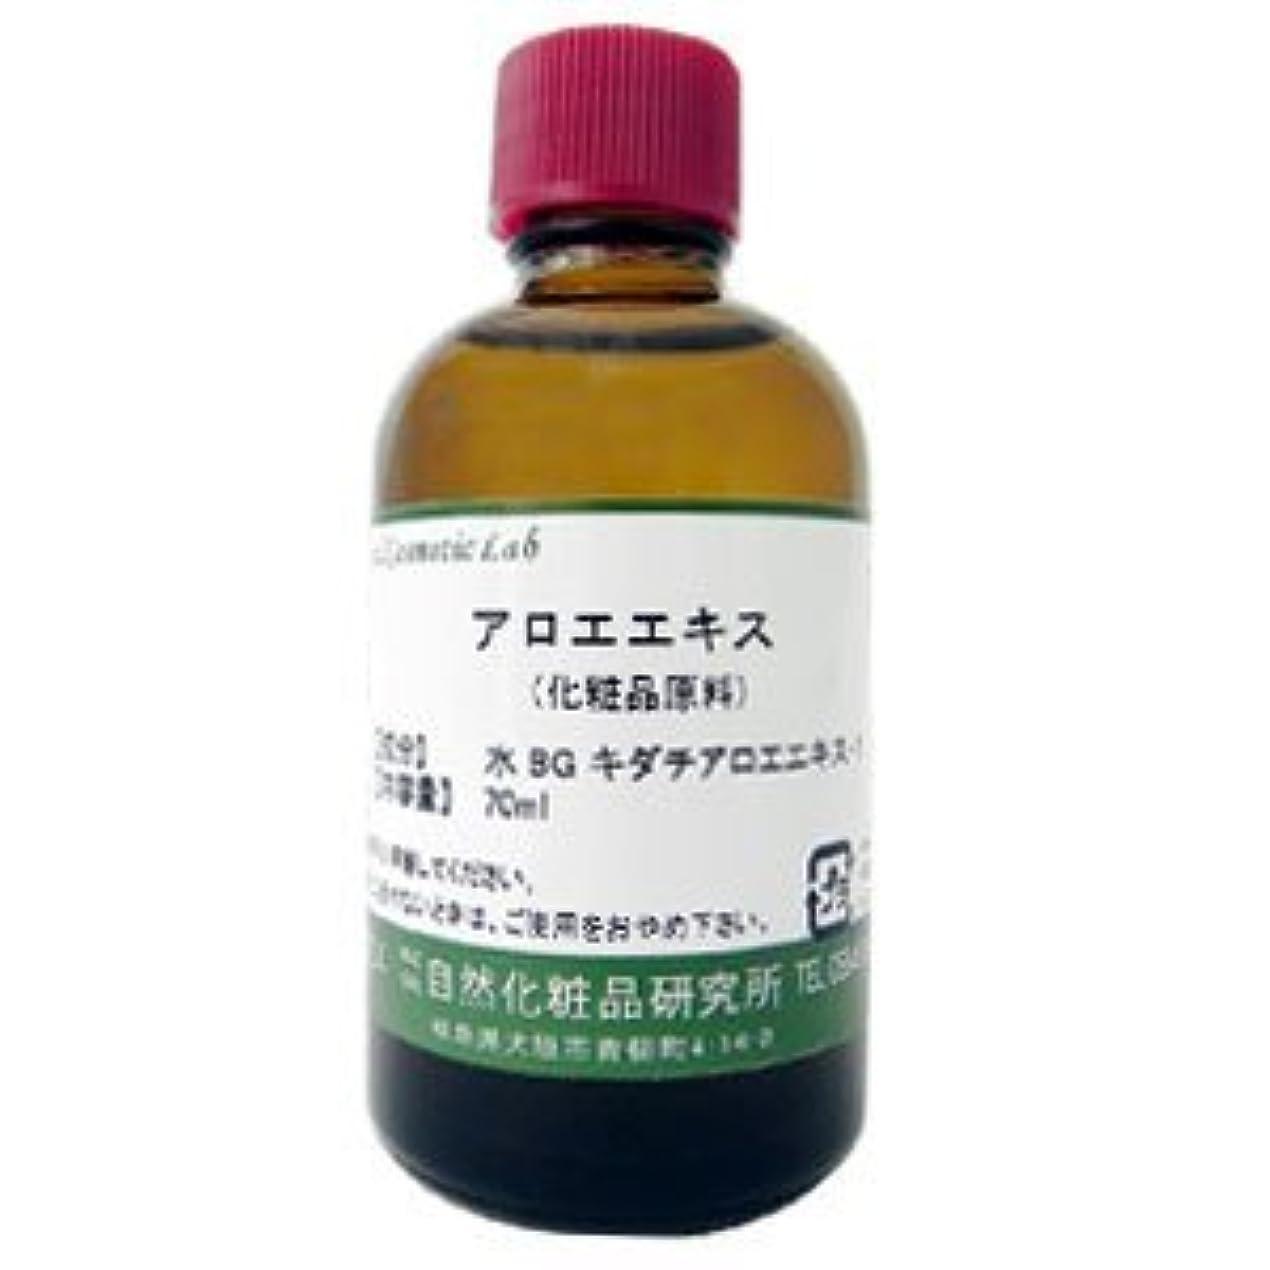 遠足統計ブルームアロエエキス 化粧品原料 70ml